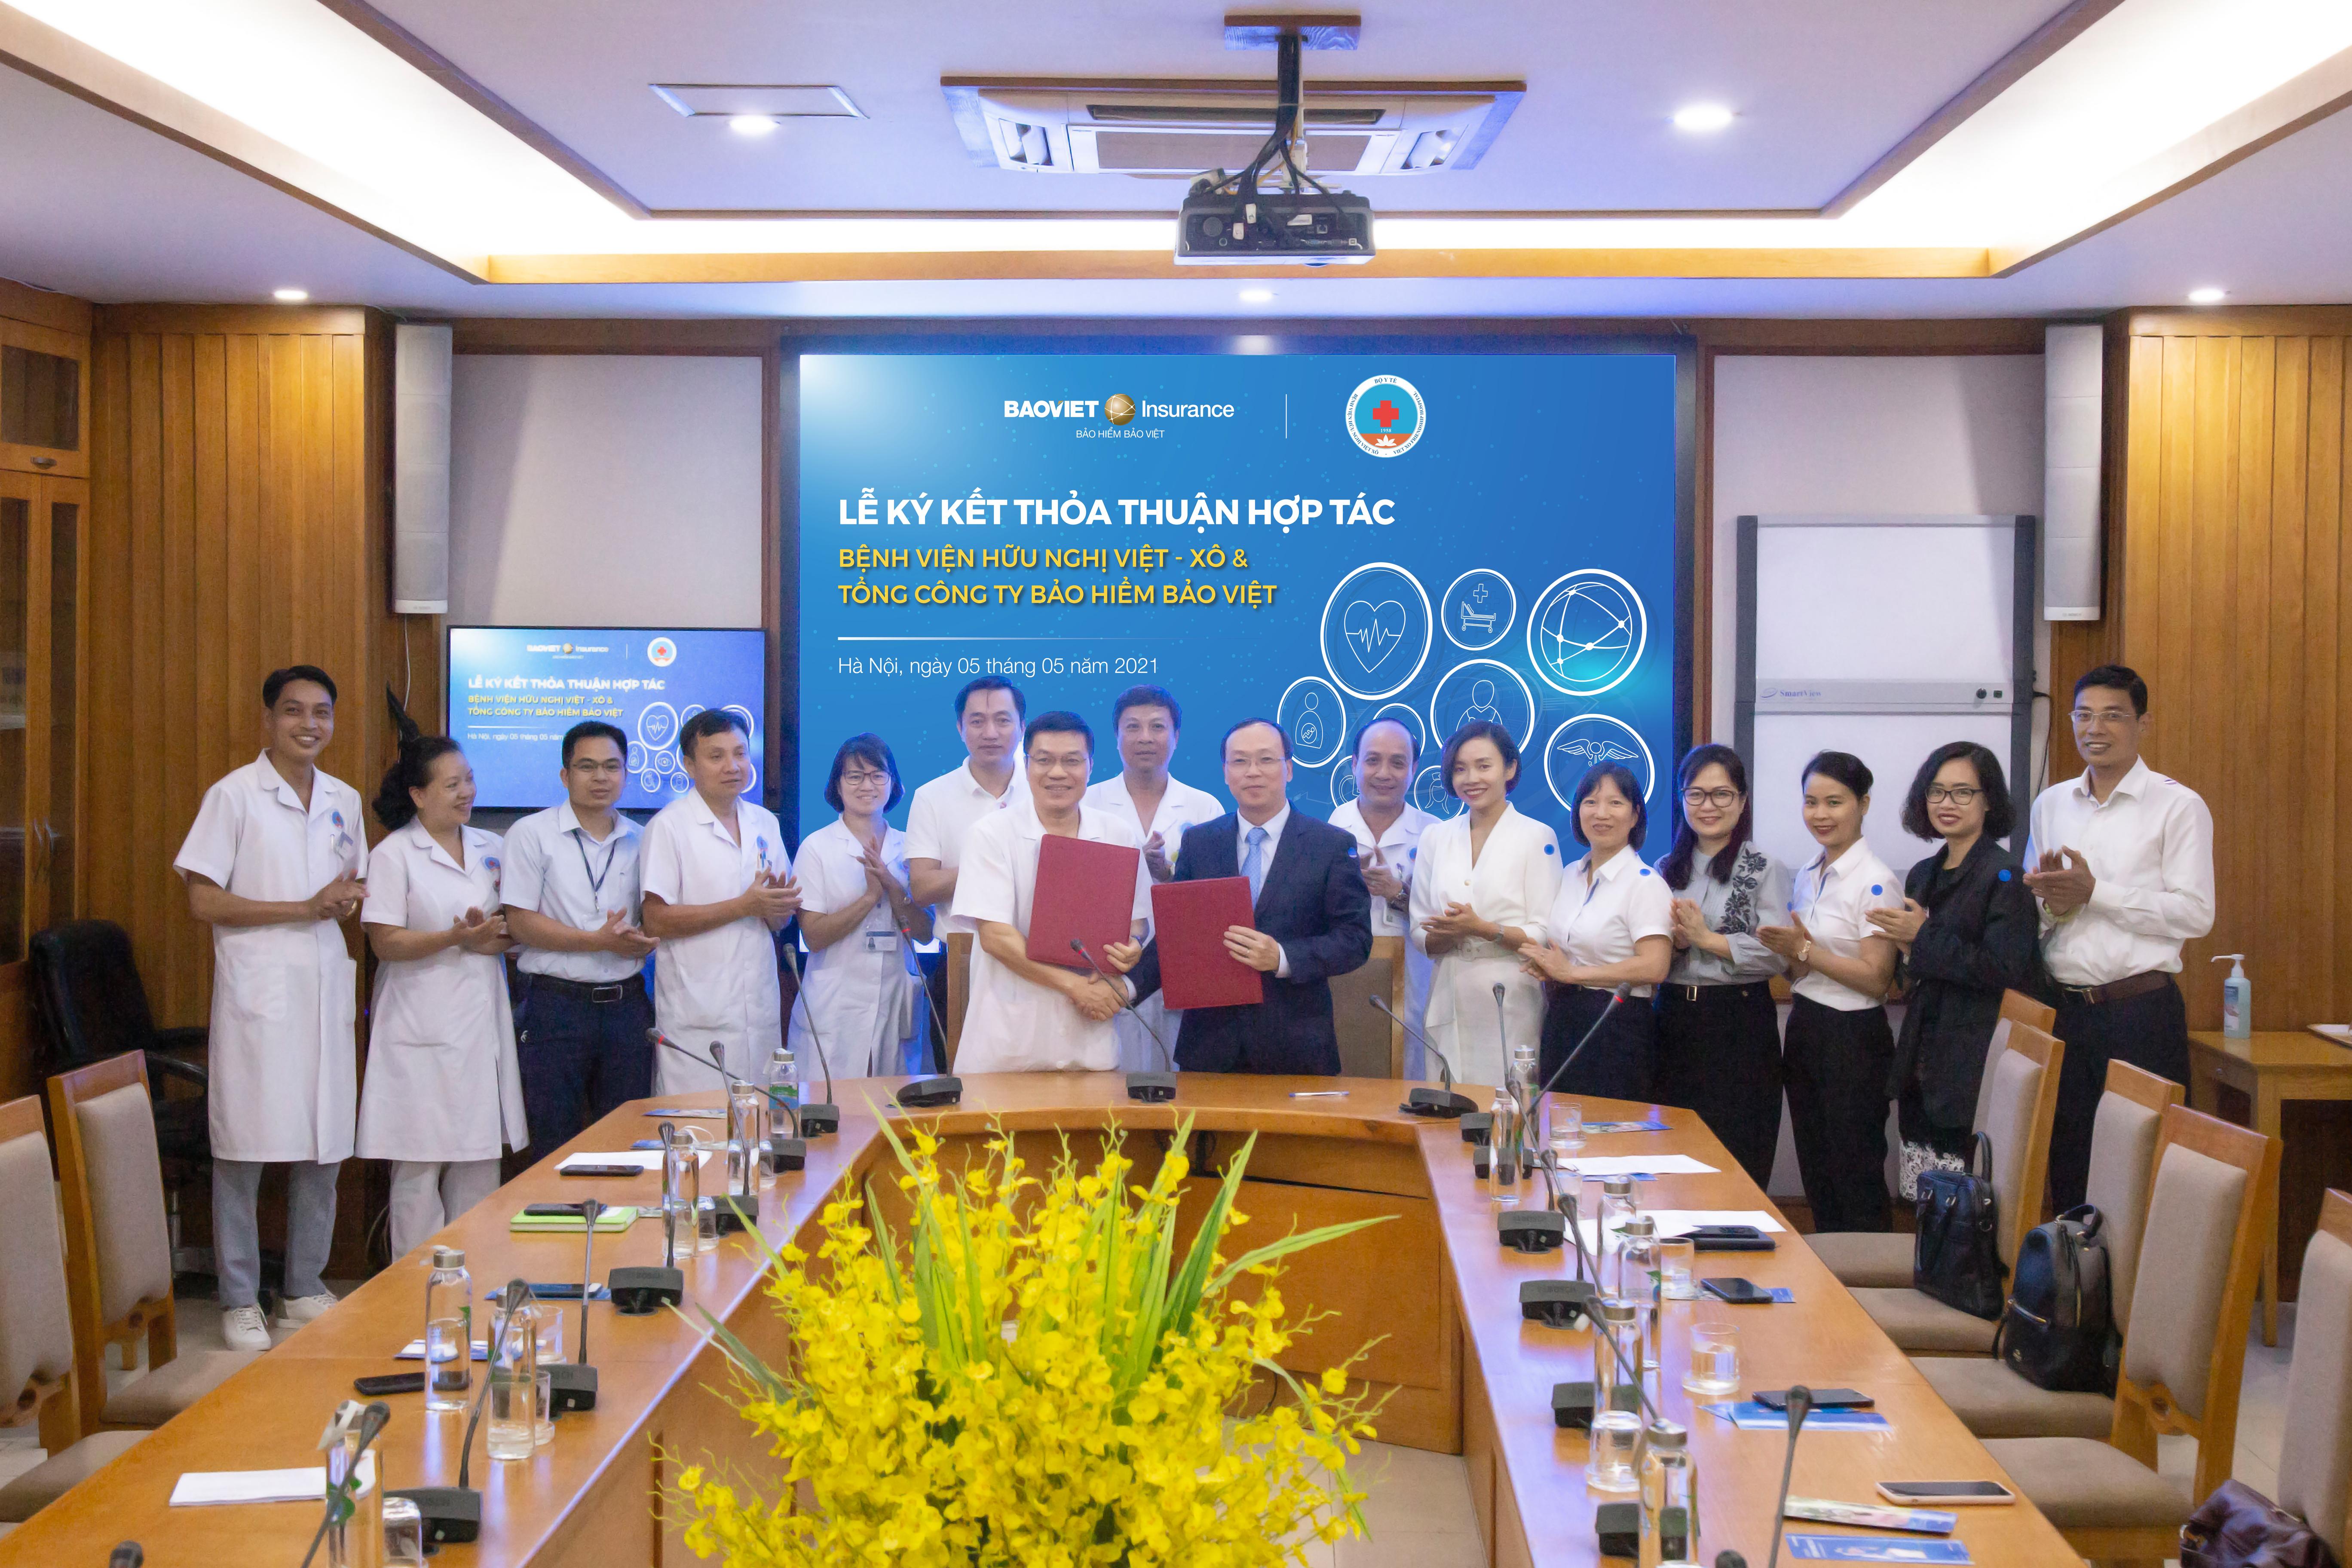 Khám bệnh không tiền mặt với hợp tác bảo lãnh viện phí giữa Bảo hiểm Bảo Việt và Bệnh viện Hữu nghị Việt Xô